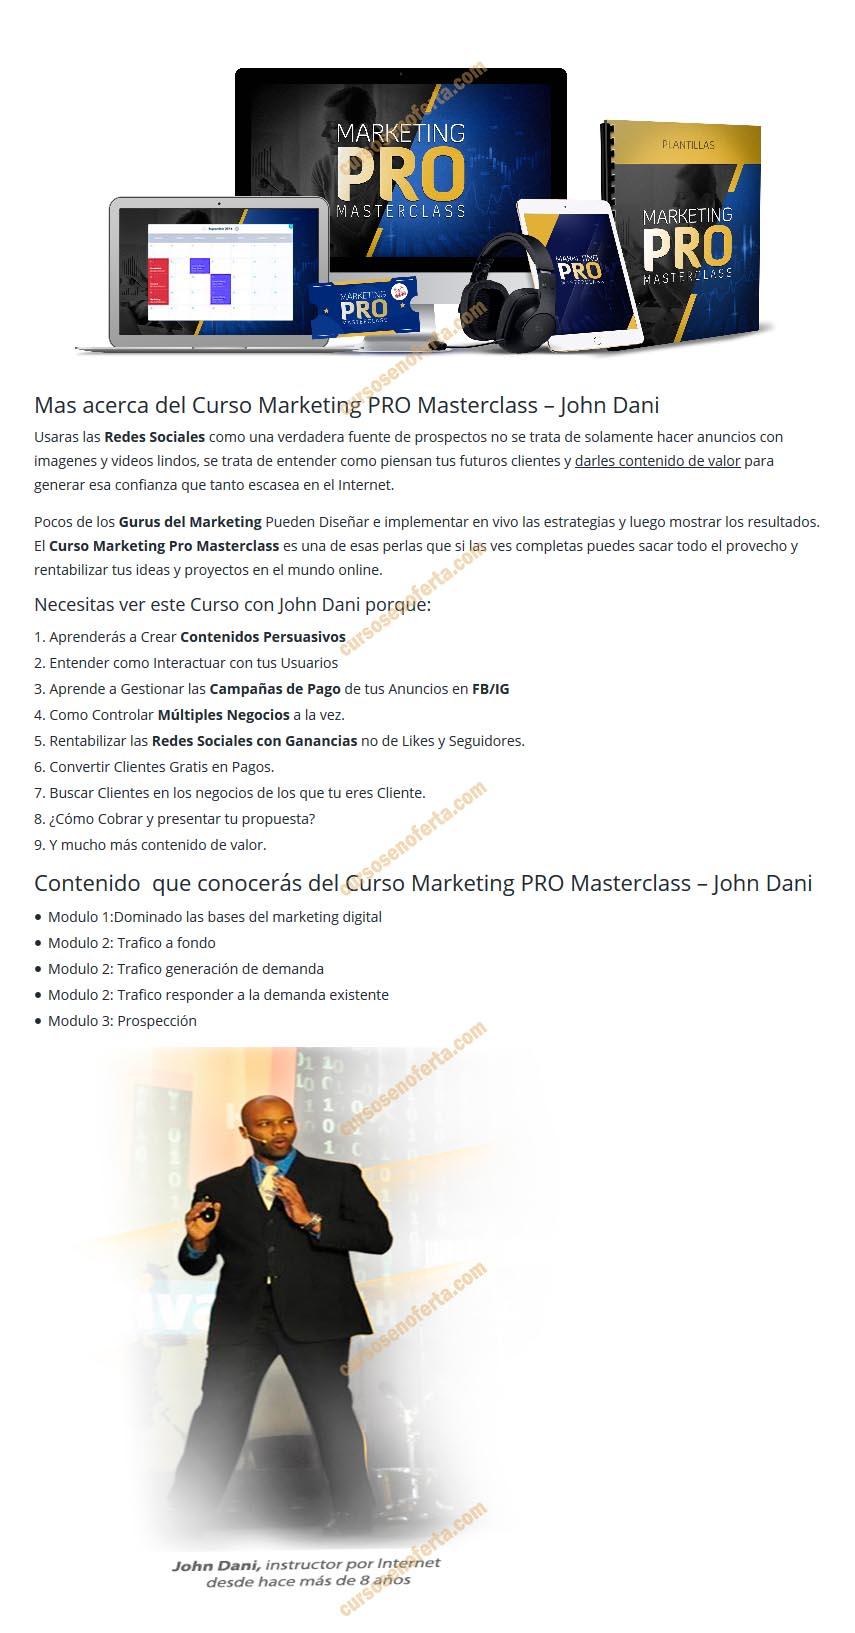 Marketing Pro Masterclass - john dani